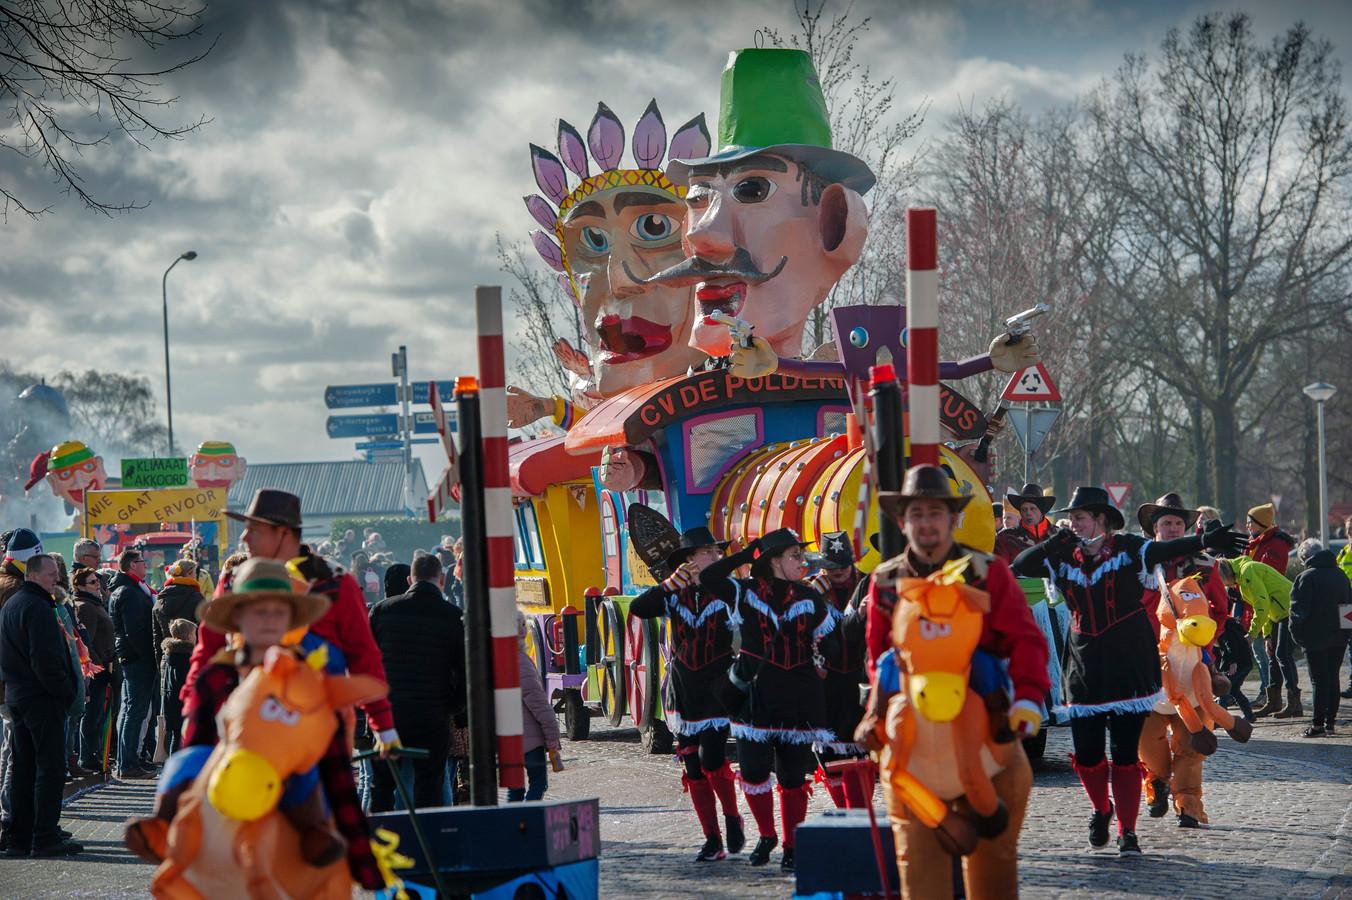 De carnavalsoptocht in Haarsteeg. Op de foto CV De Poldermennekus met hun wagen.